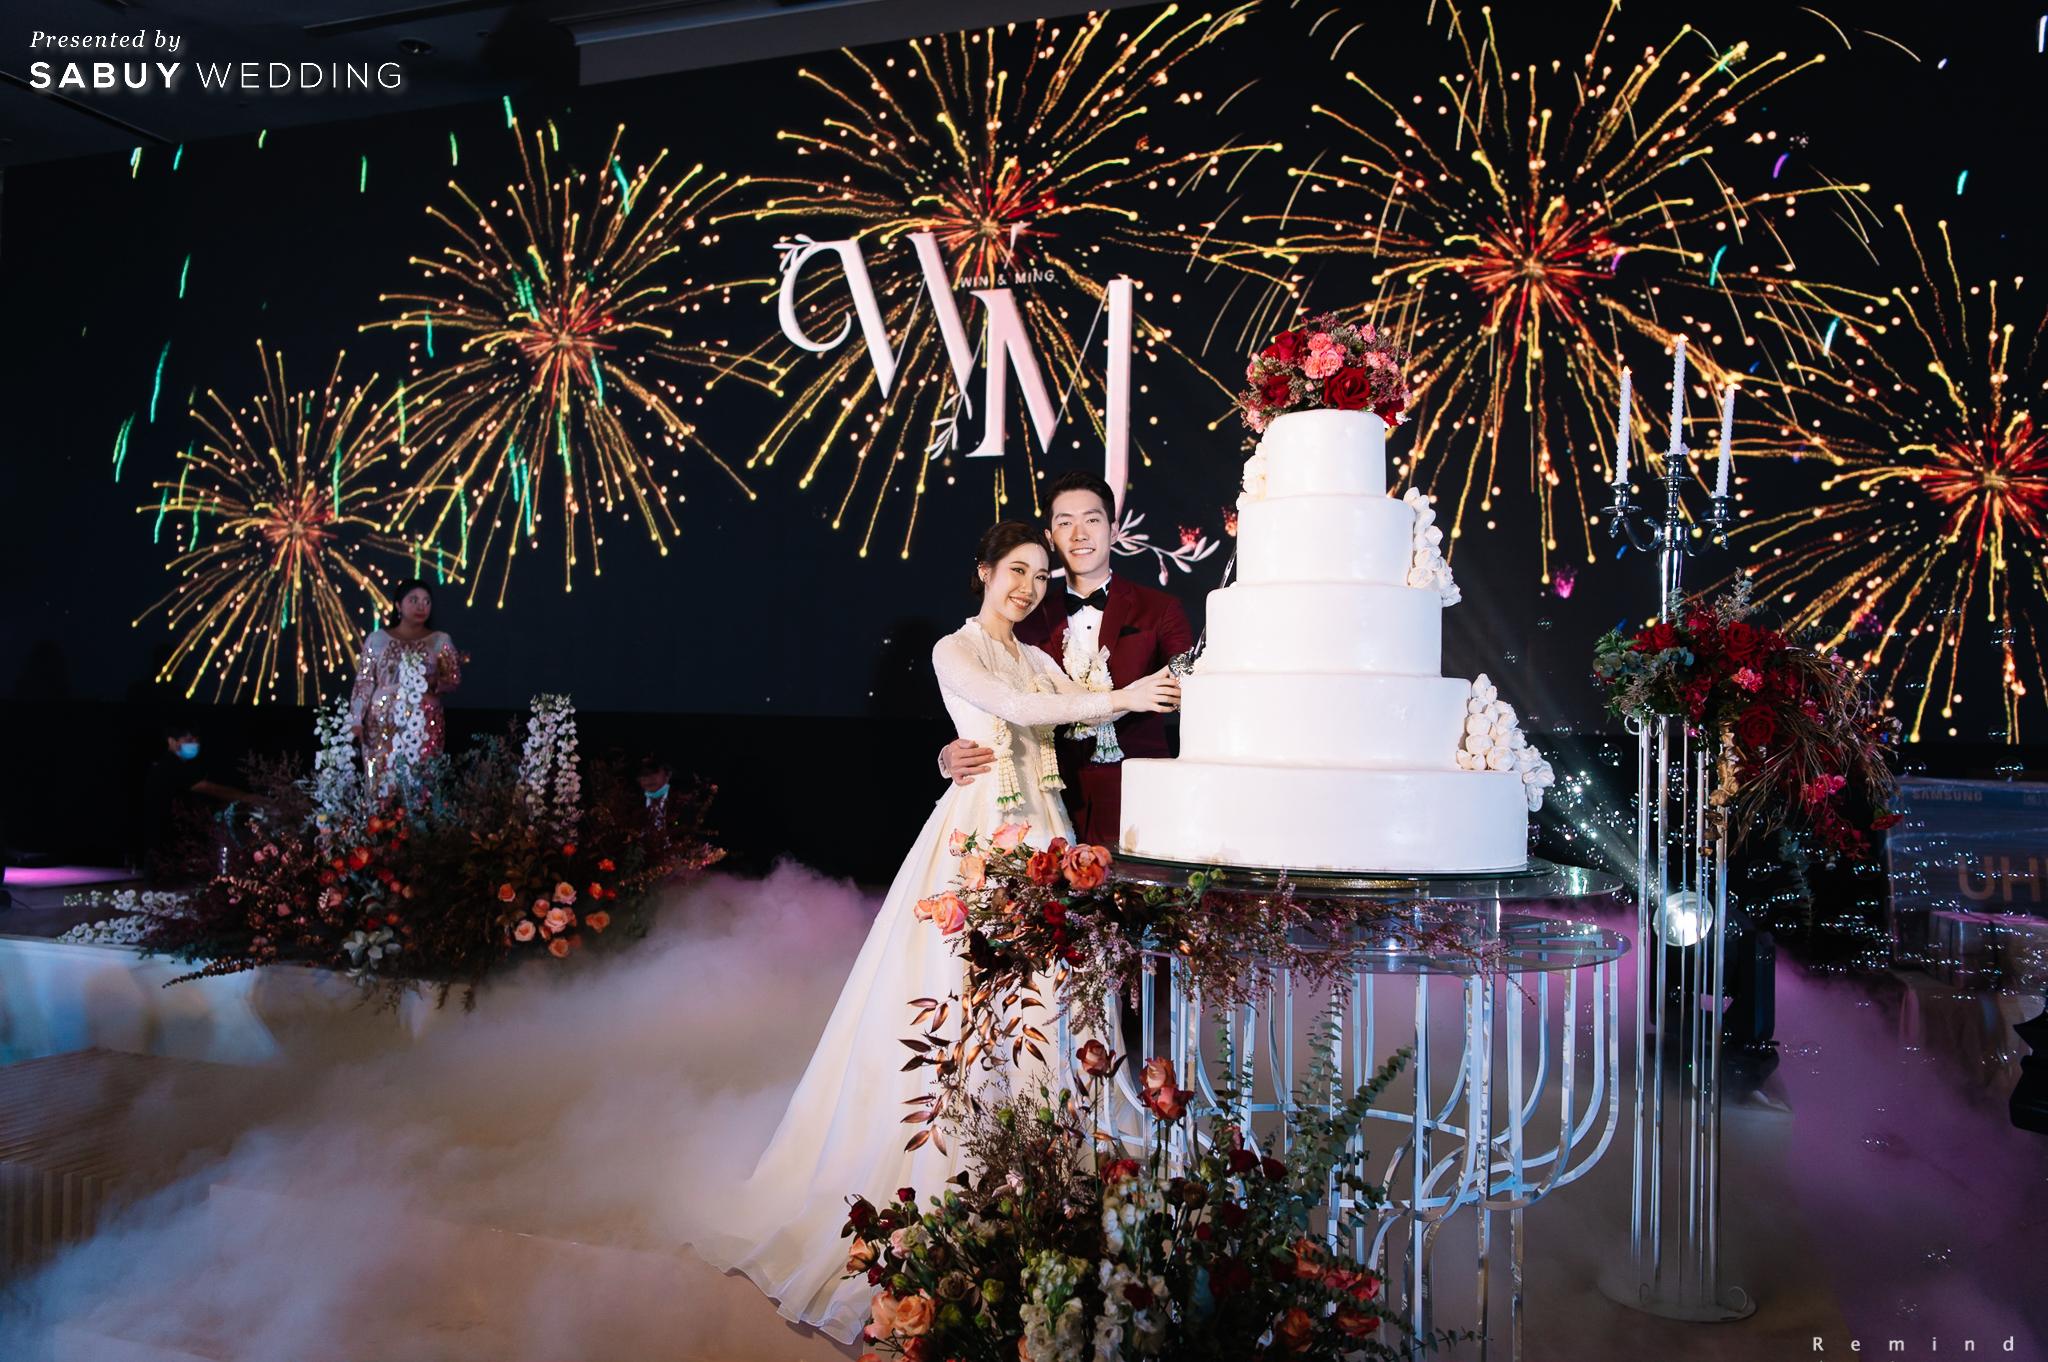 เค้กแต่งงาน รีวิวงานแต่งเช้าเลี้ยงเย็นไซส์ใหญ่ จัดงานสุดเซอร์ไพรส์ได้ใจแขก @ The Berkeley Hotel Pratunam